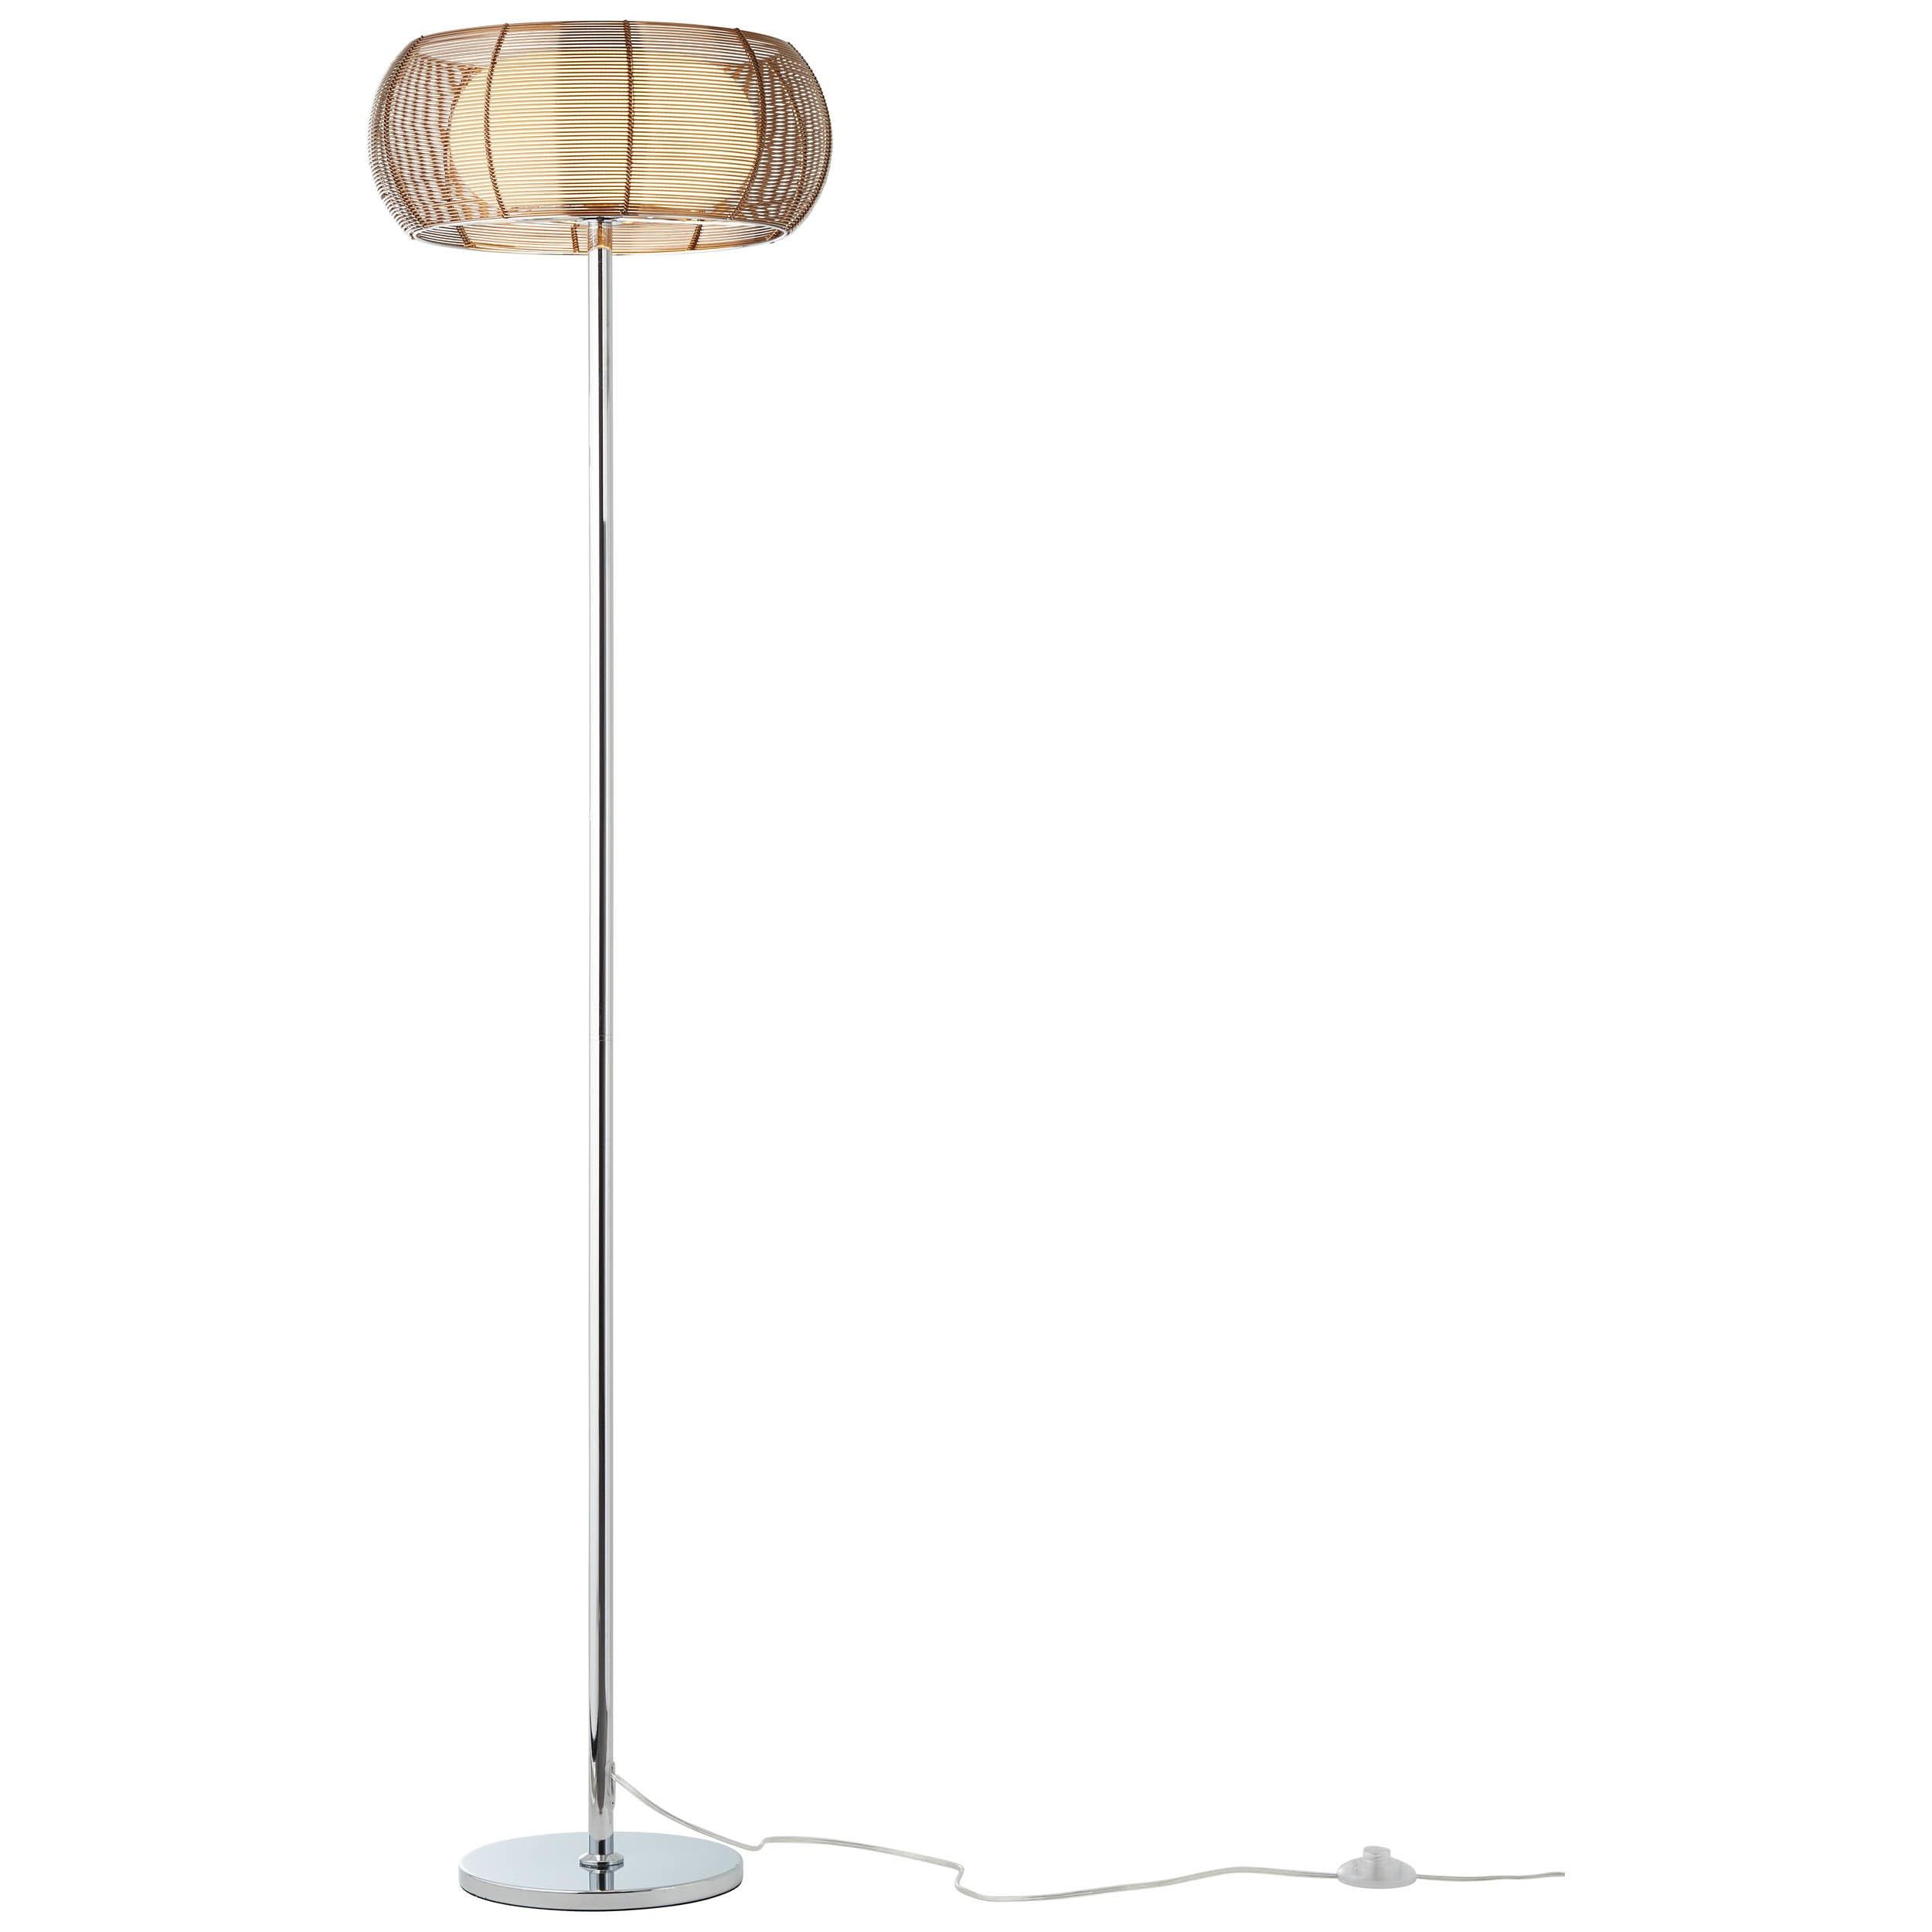 Brilliant Leuchten Relax Standleuchte 2flg bronze/chrom